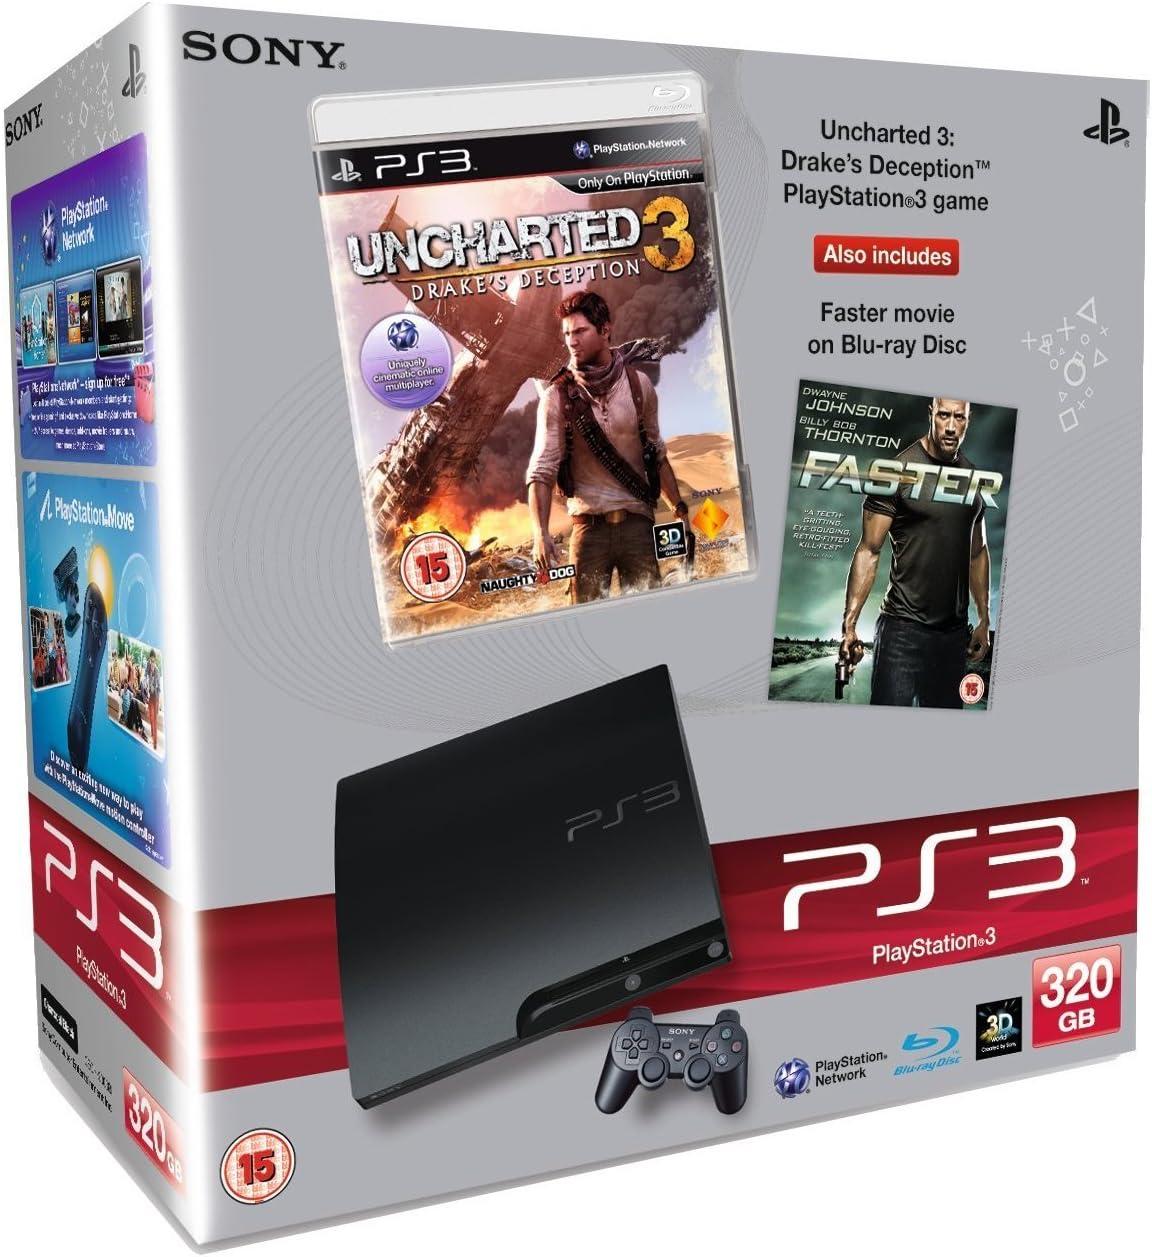 Sony PlayStation 3 Consola 320 GB Slim Model con Uncharted 3 + Faster Blu-ray Movie Bundle [Importación inglesa]: Amazon.es: Videojuegos